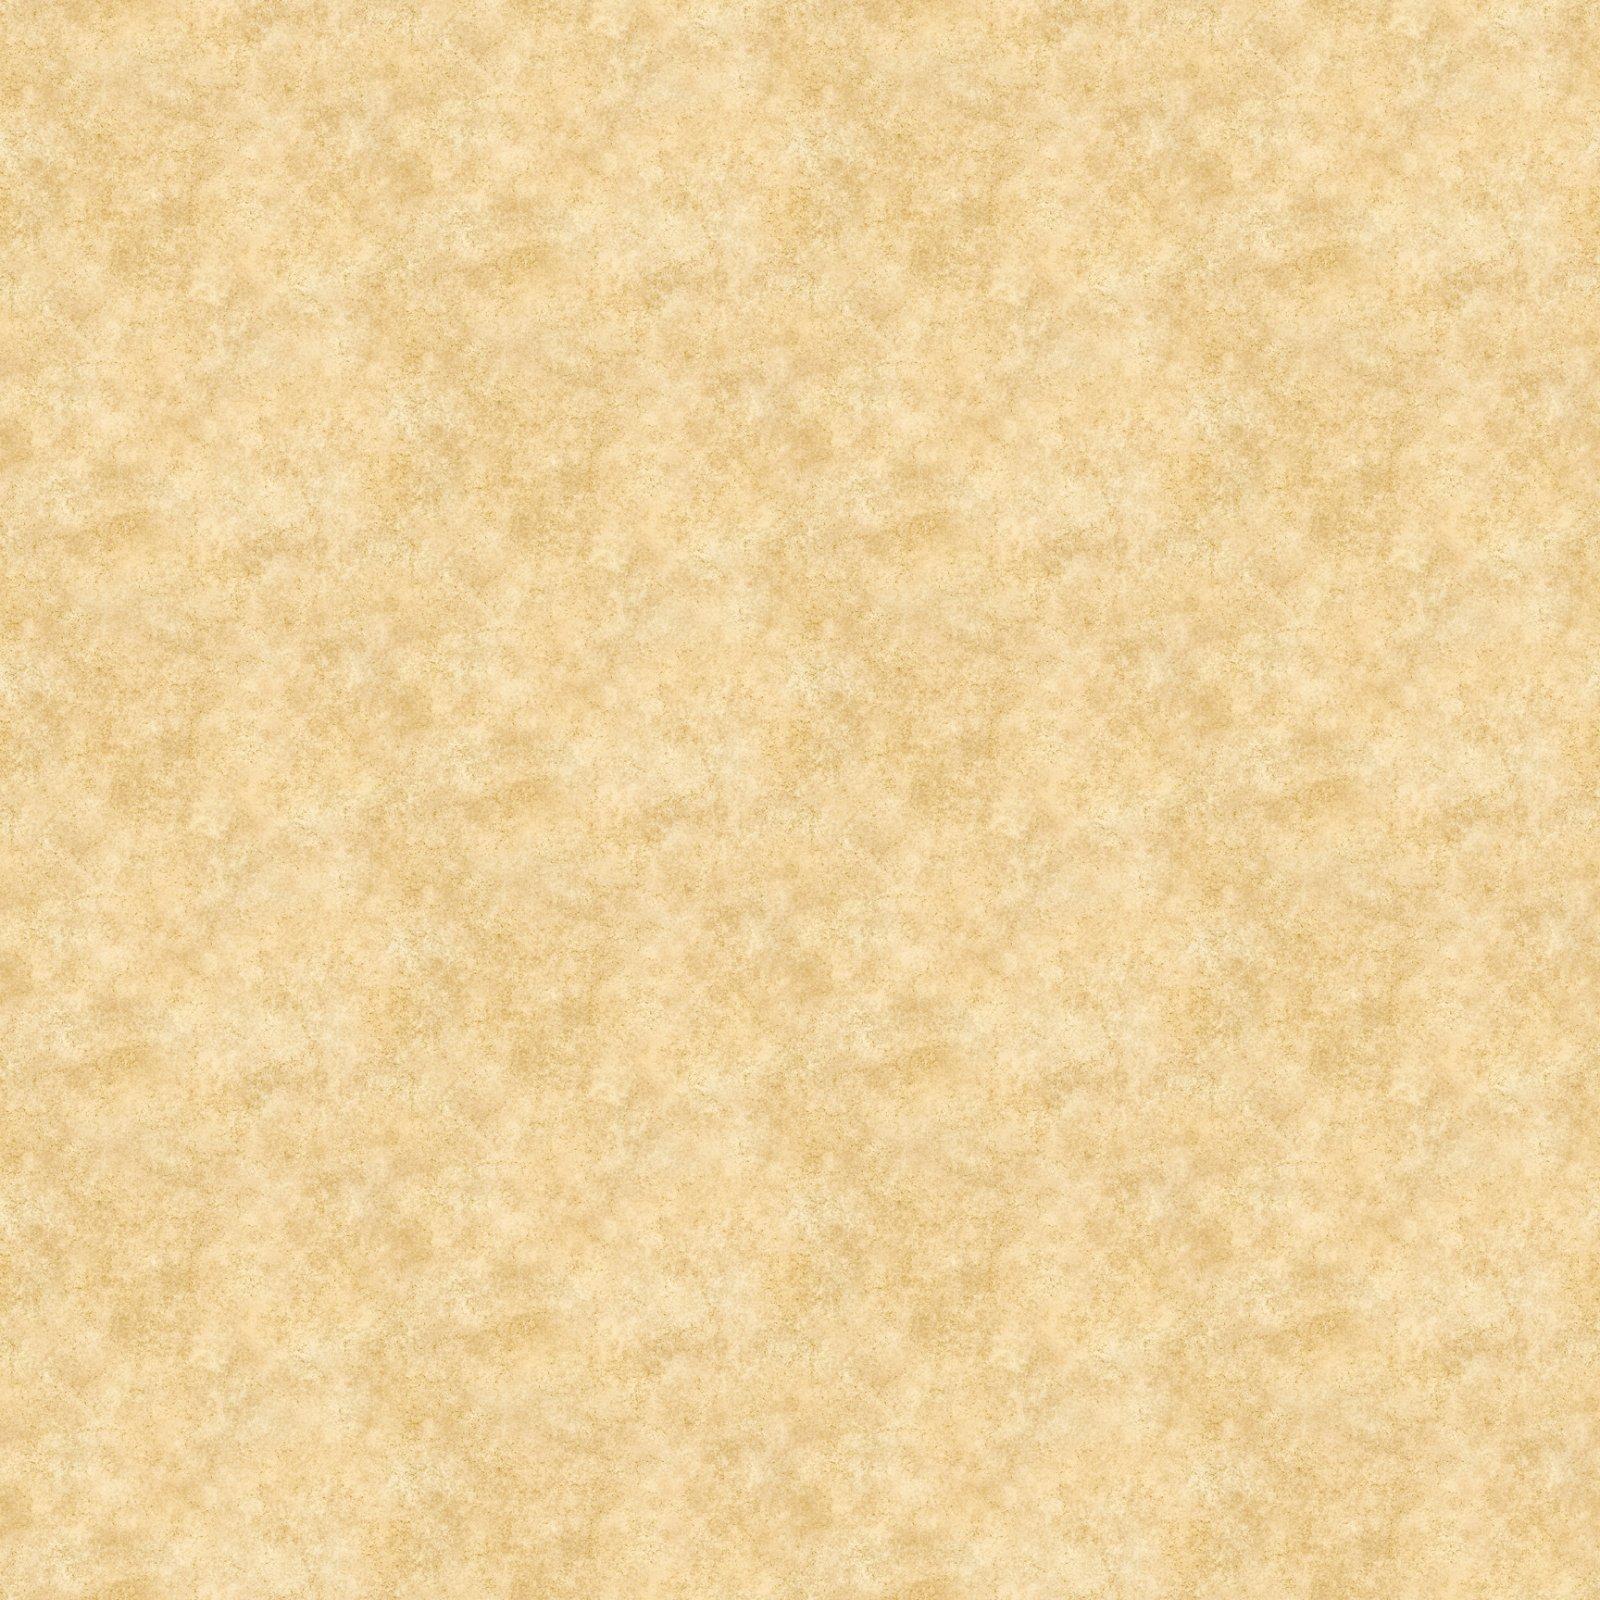 20254M-370 Lt Camel Artisan Shimmer Ebony